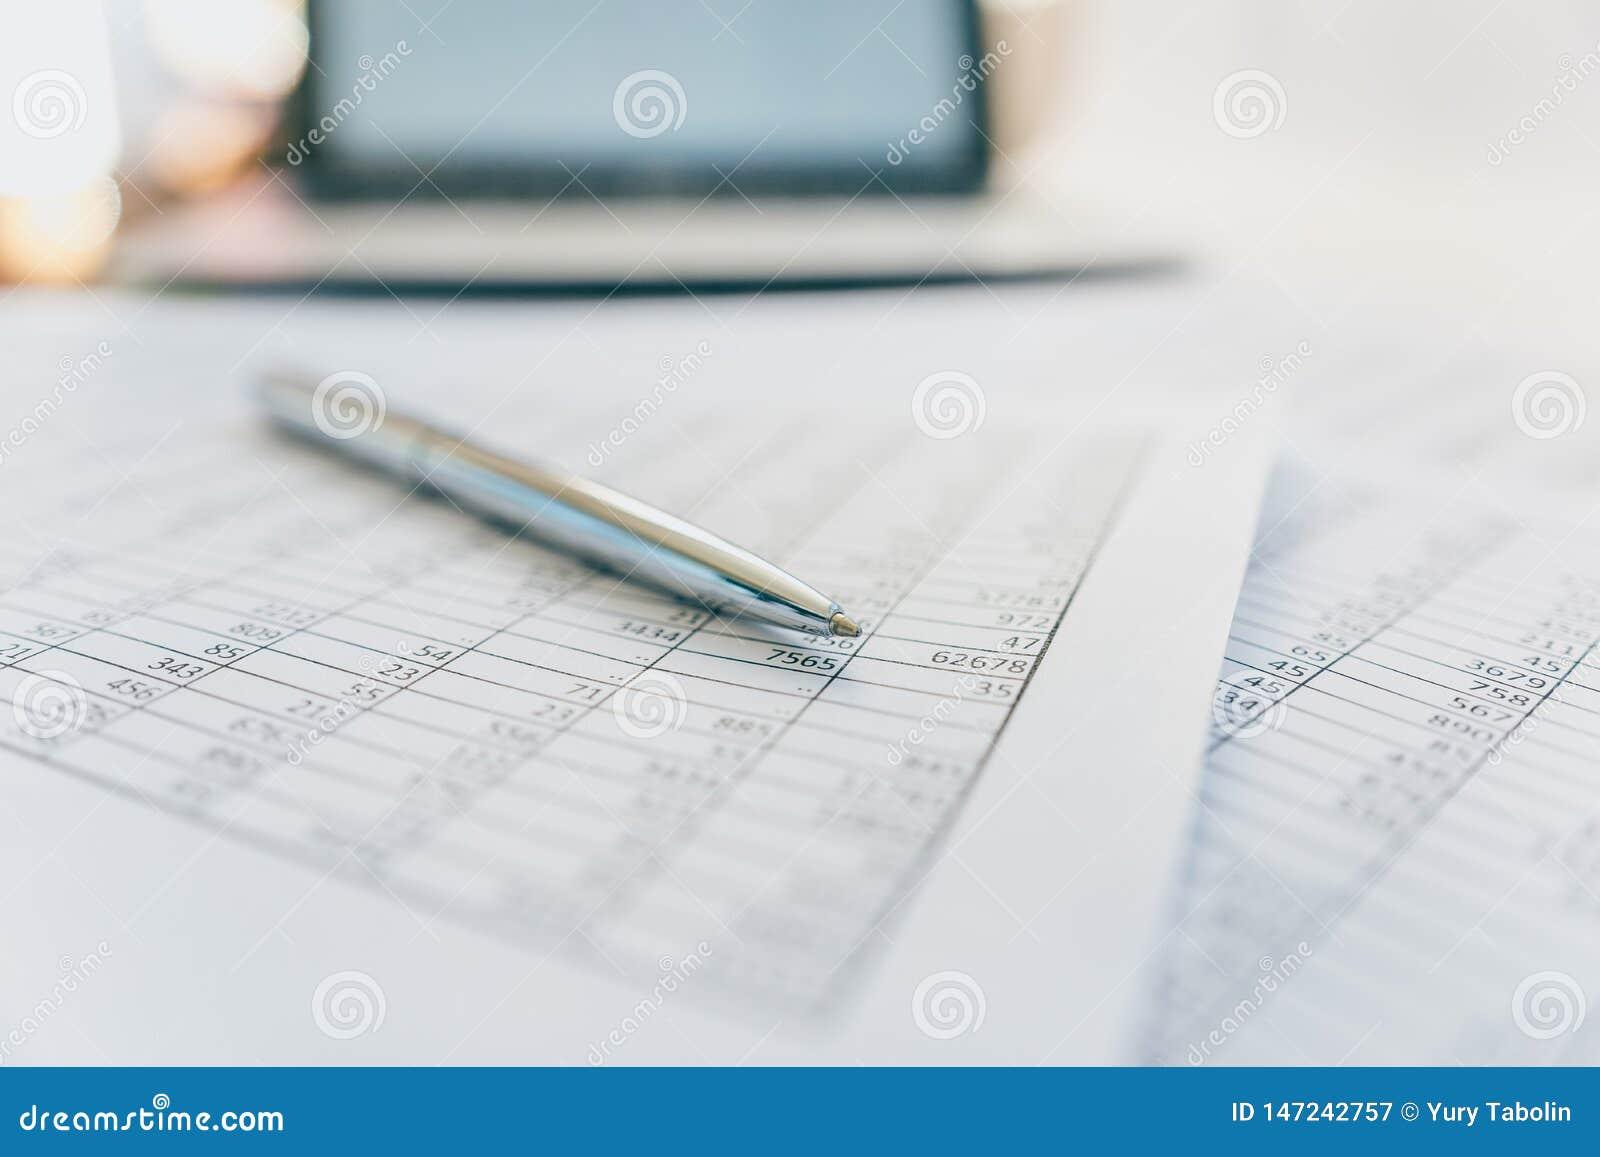 Raporty i plany na biurku w biurze